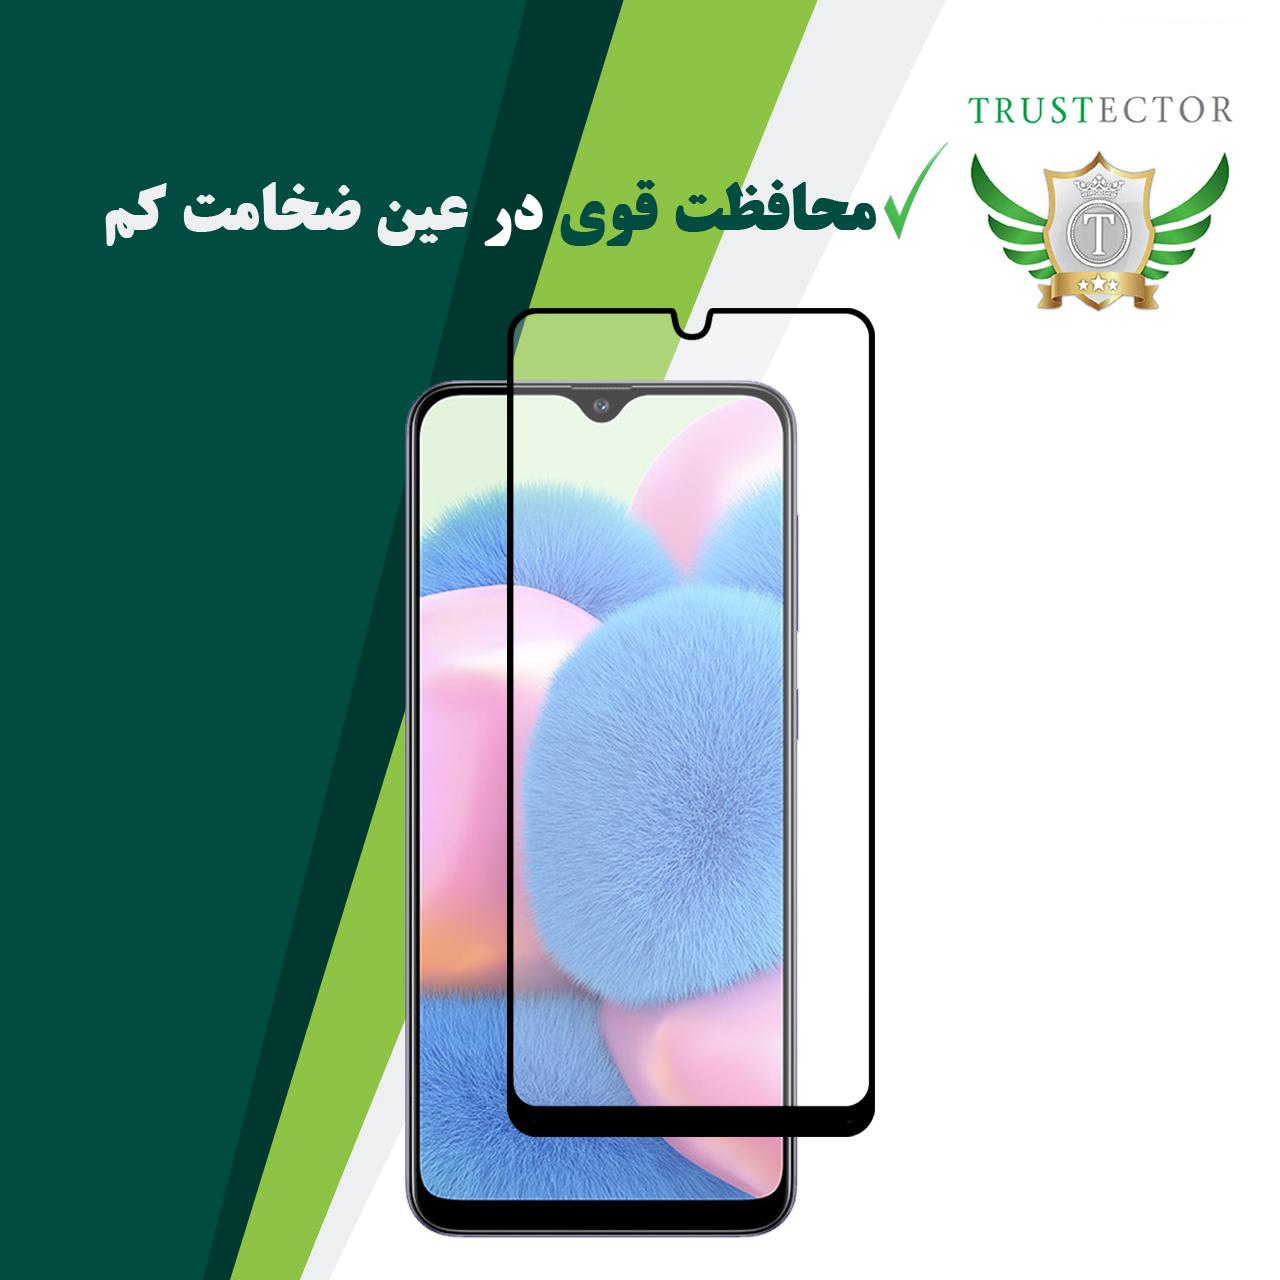 محافظ صفحه نمایش سرامیکی تراستکتور مدل CMT مناسب برای گوشی موبایل سامسونگ Galaxy A30s main 1 5